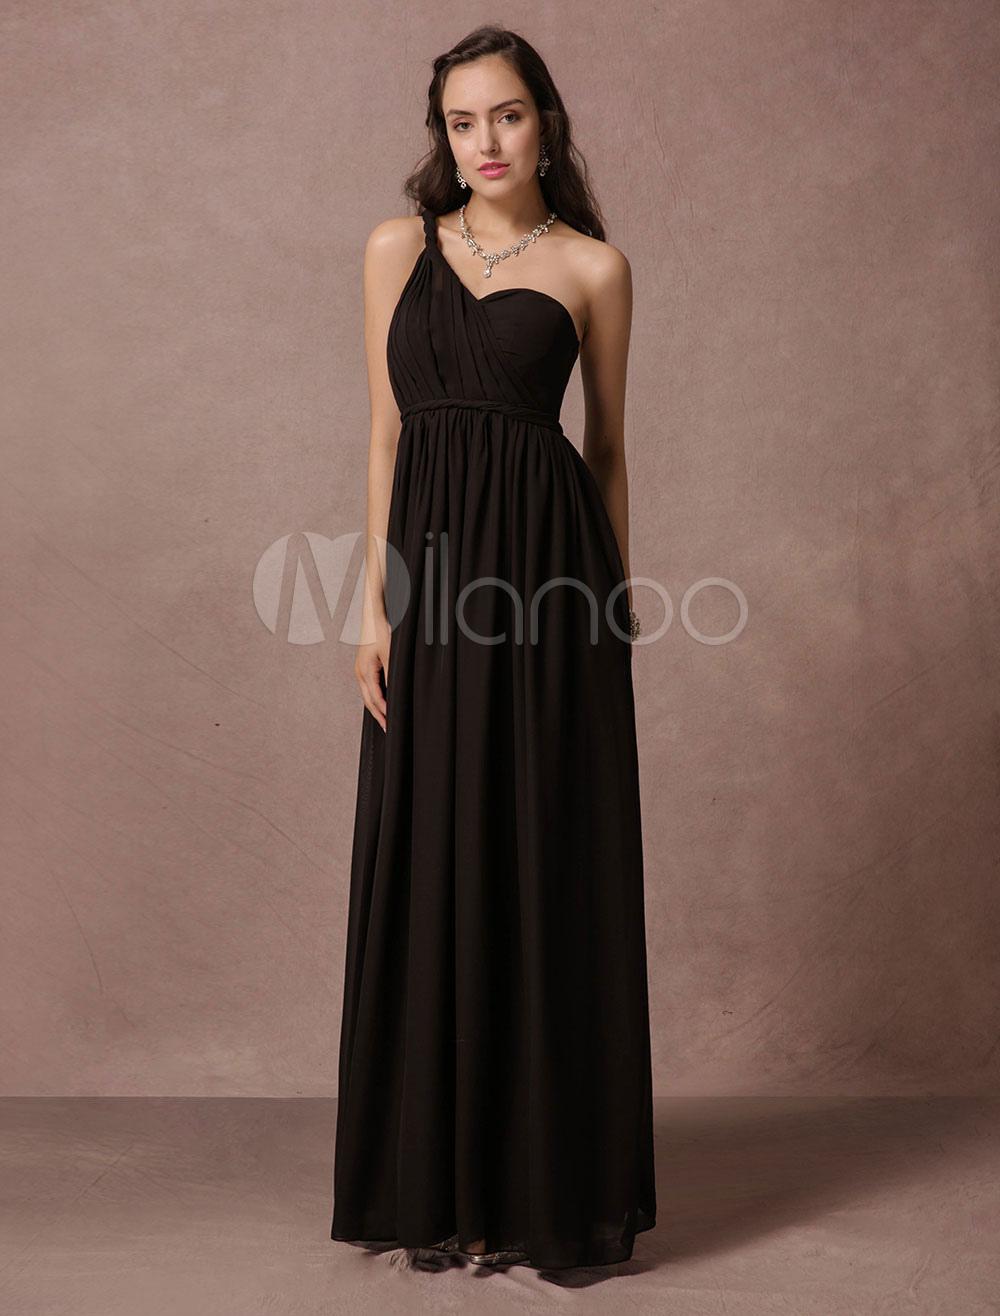 Abendkleider chiffon gro handel abendkleider chiffon online - Milanoo abendkleider ...